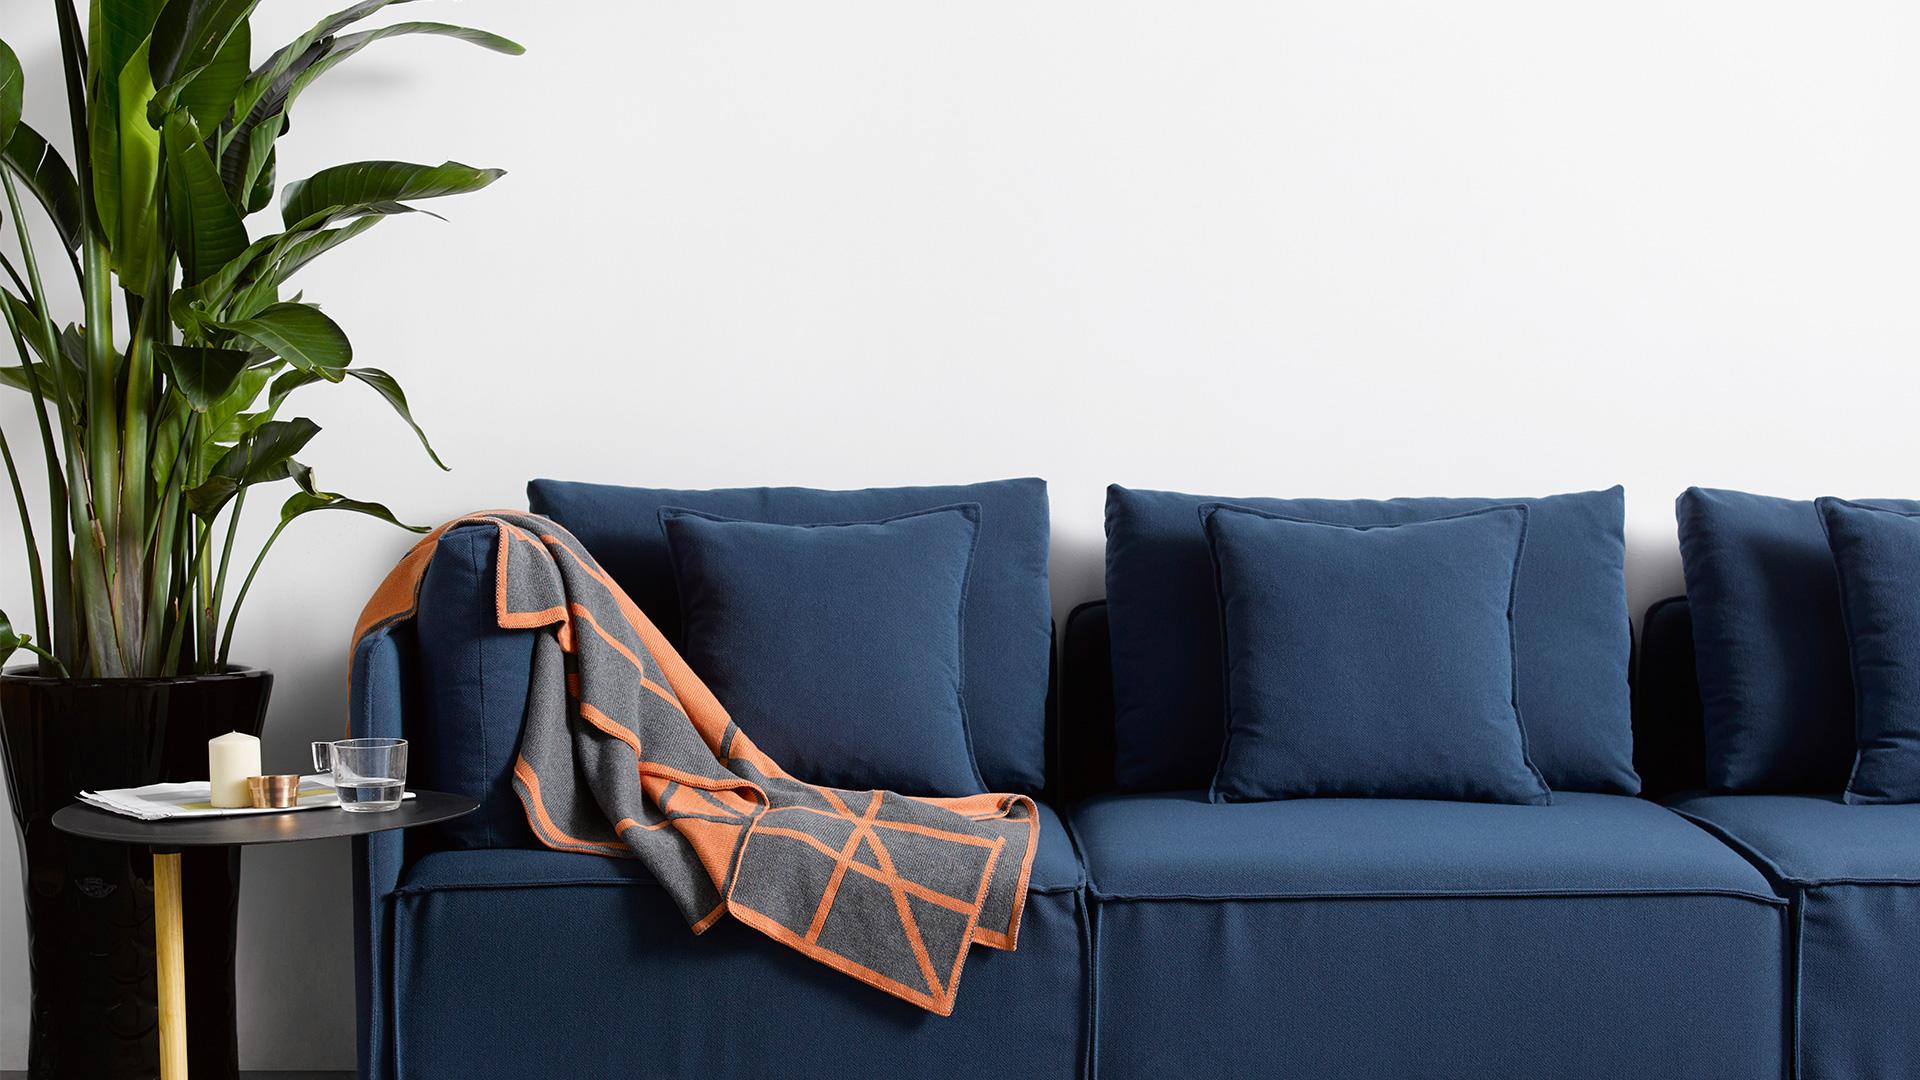 双层色织结构,垂坠又贴肤;让你的每次小憩都优雅安恬,沙发上慵懒午眠怎能少它陪伴。 ?x-oss-process=image/format,jpg/interlace,1